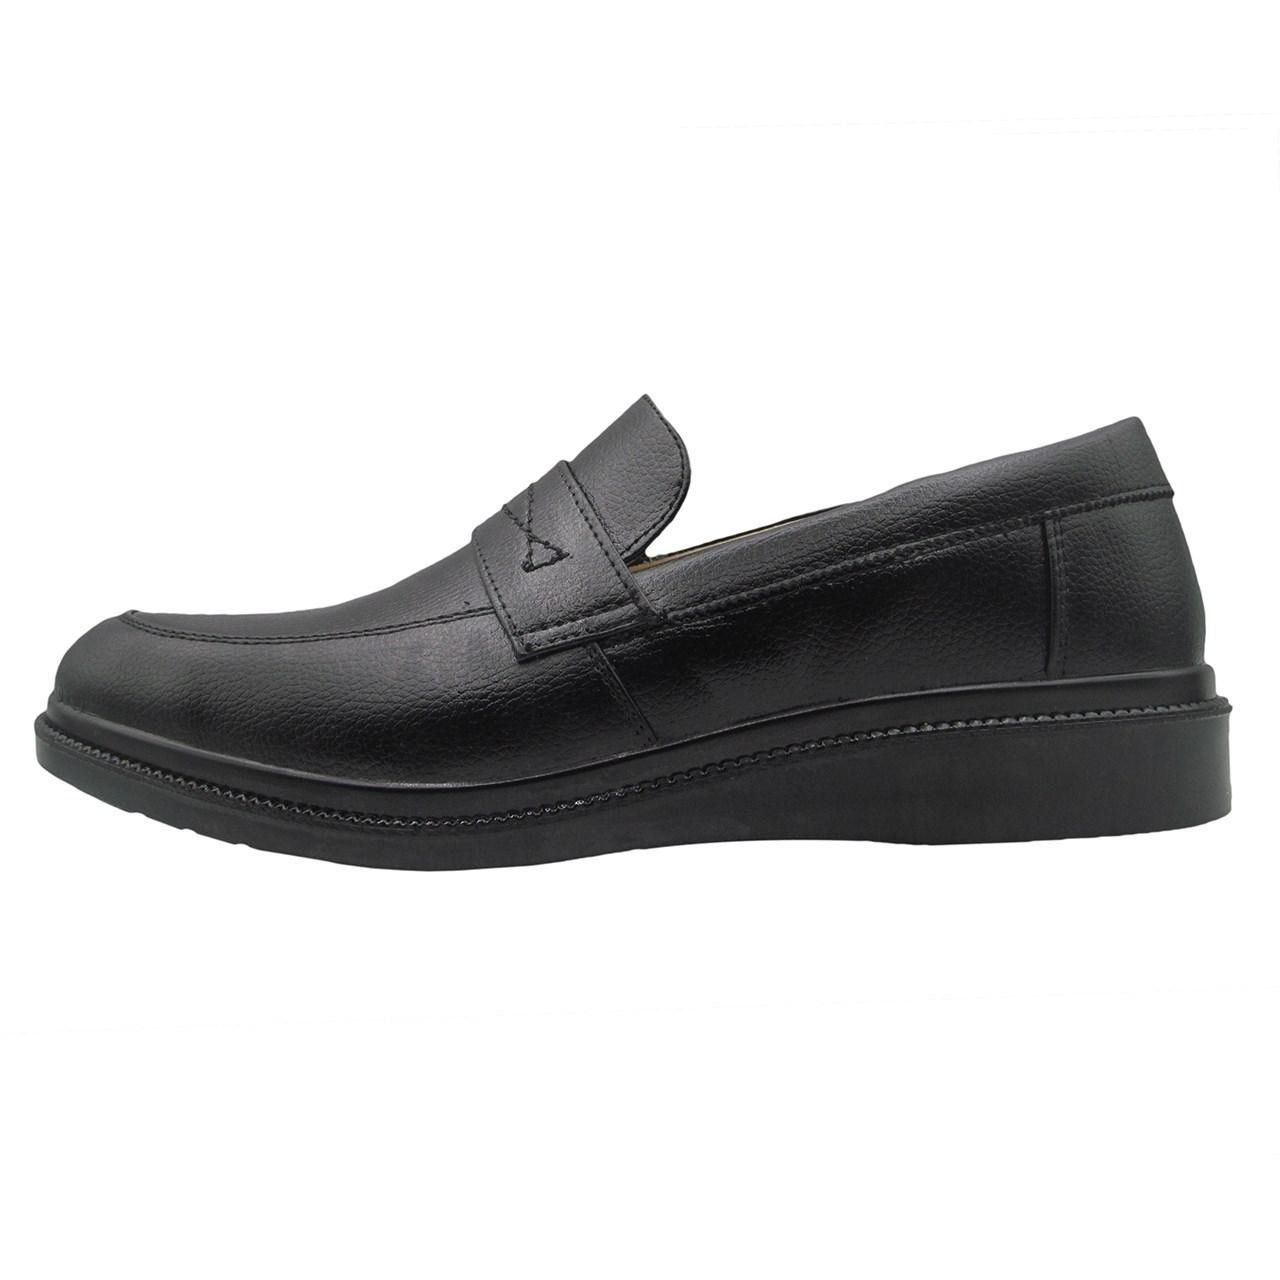 کفش  مردانه شیما مدل آلفرد 1144